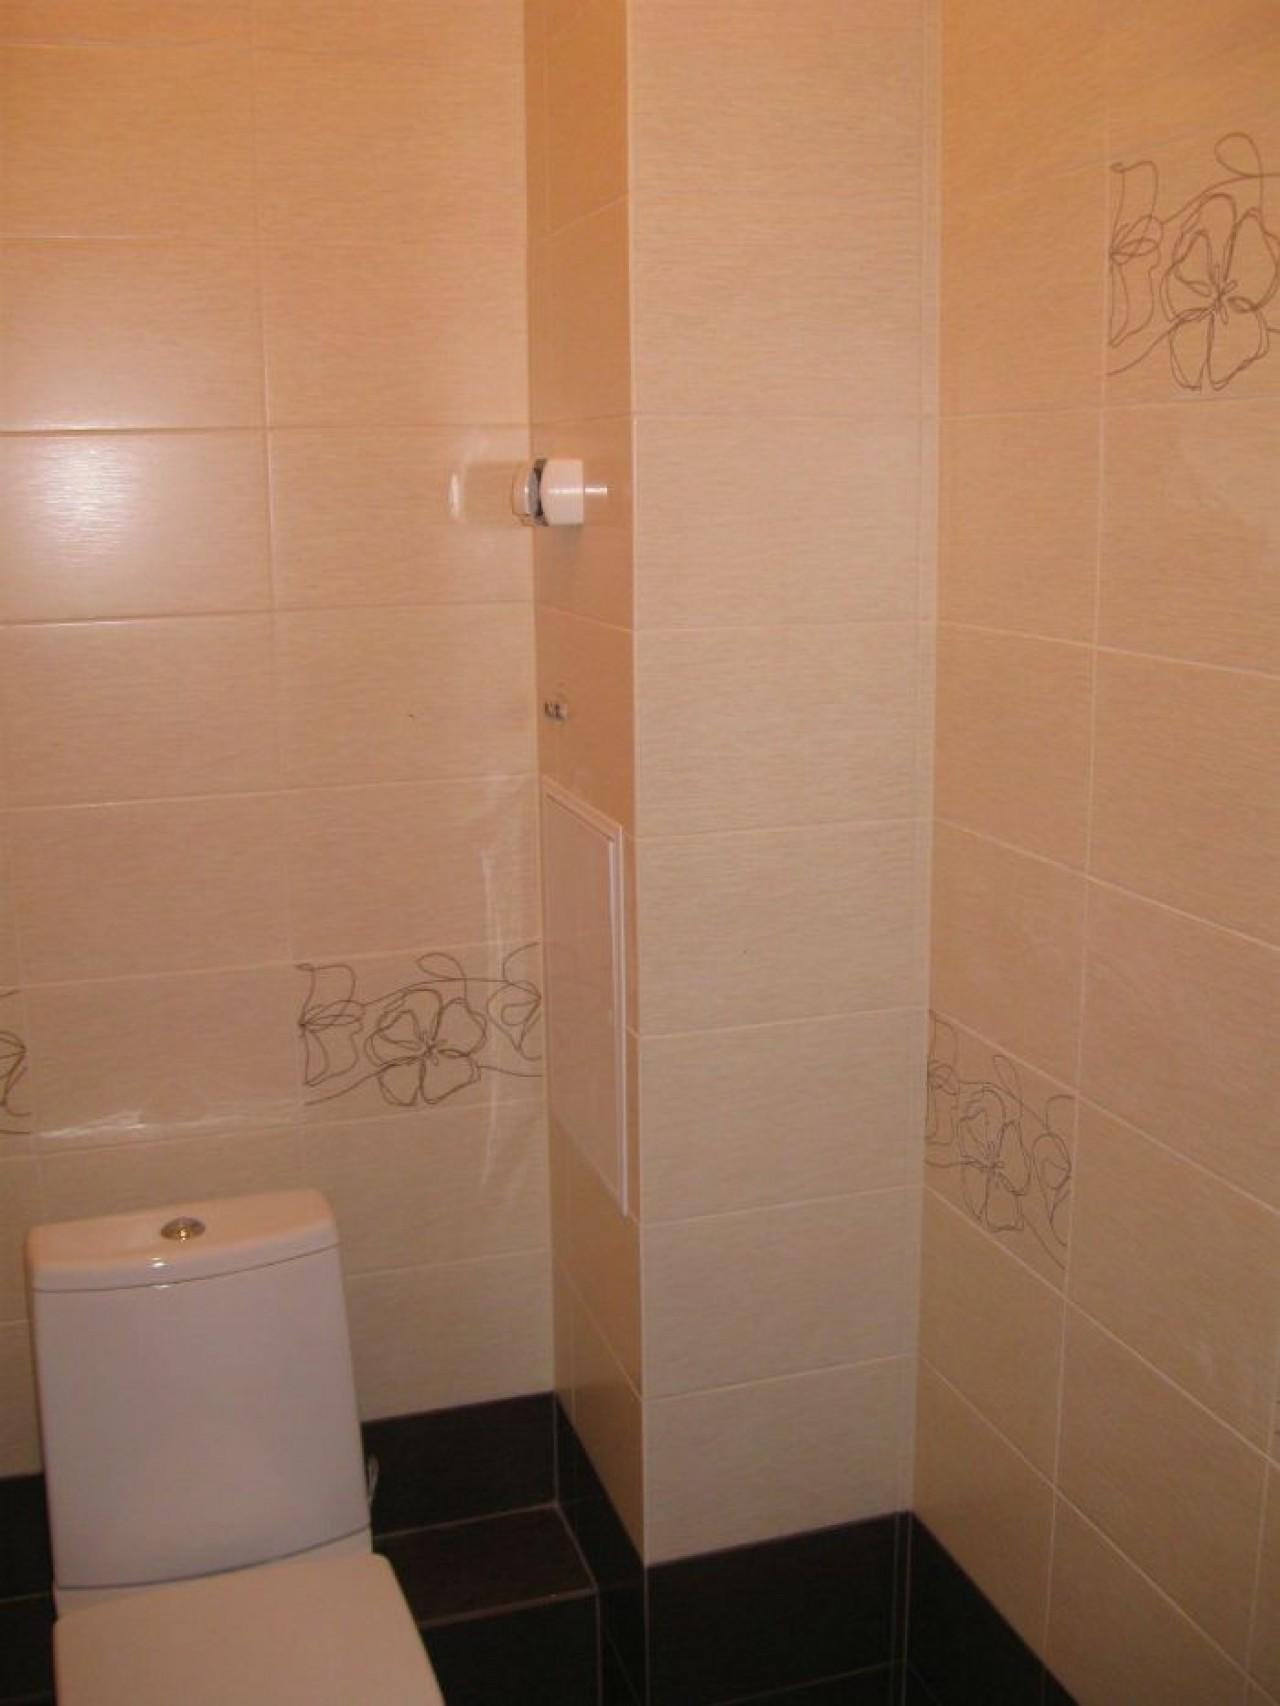 Способы, как закрыть трубы в туалете: 5 вариантов